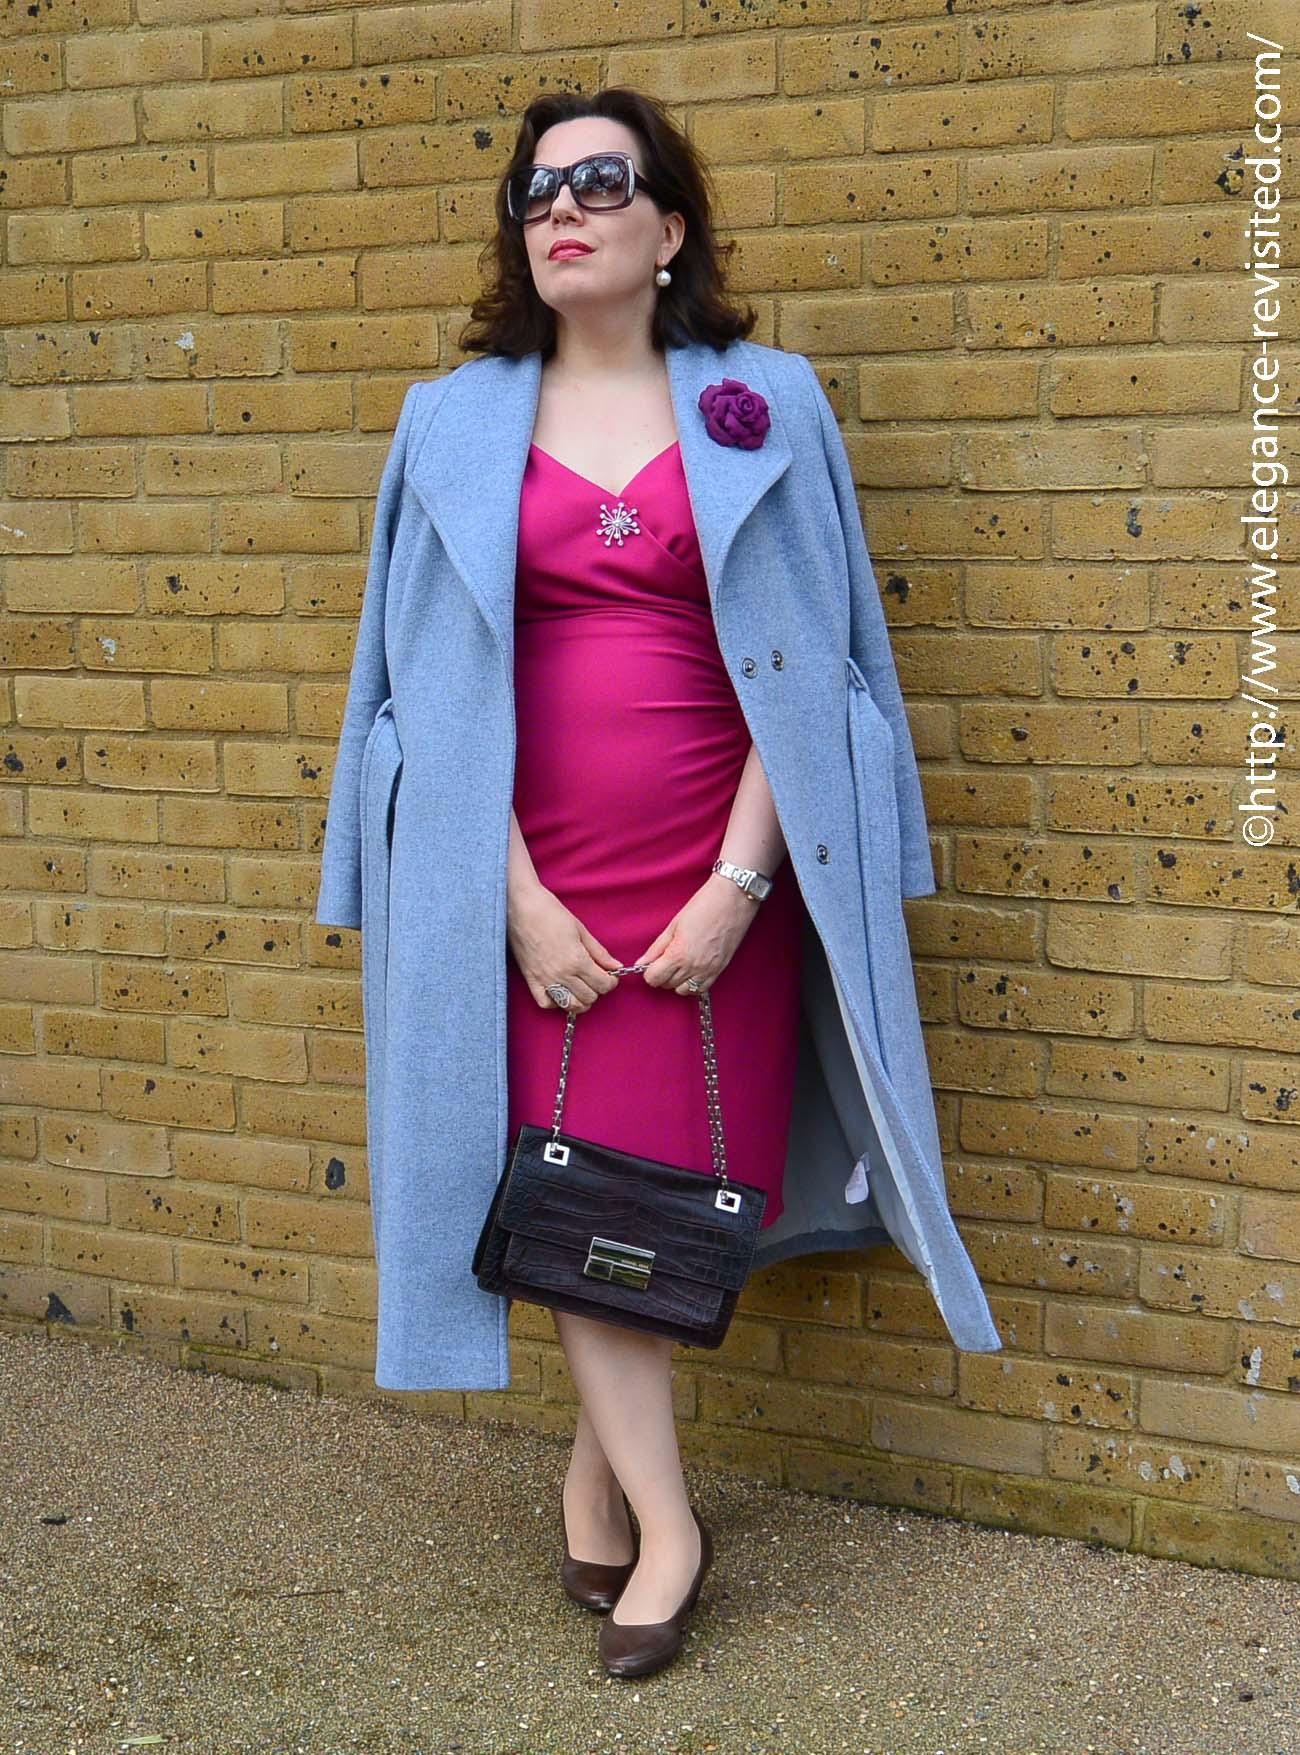 retro dress over 40